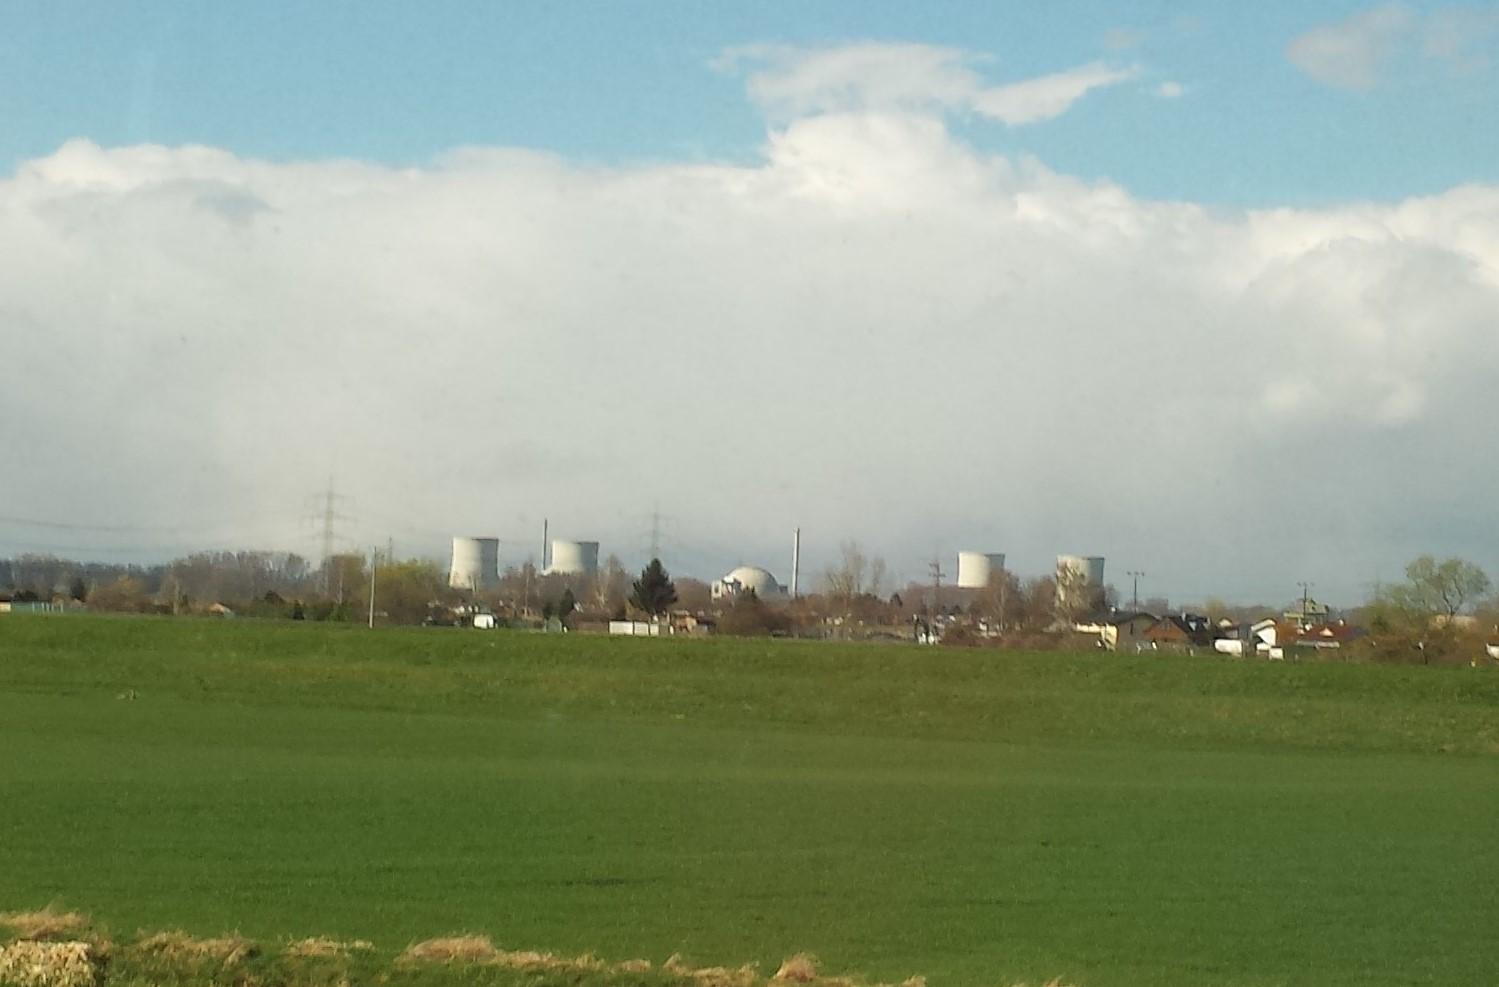 Atomenergie: Hessen erteilt Abrissgenehmigung für AKW Biblis Block B – BUND kritisiert mangelnde Transparenz